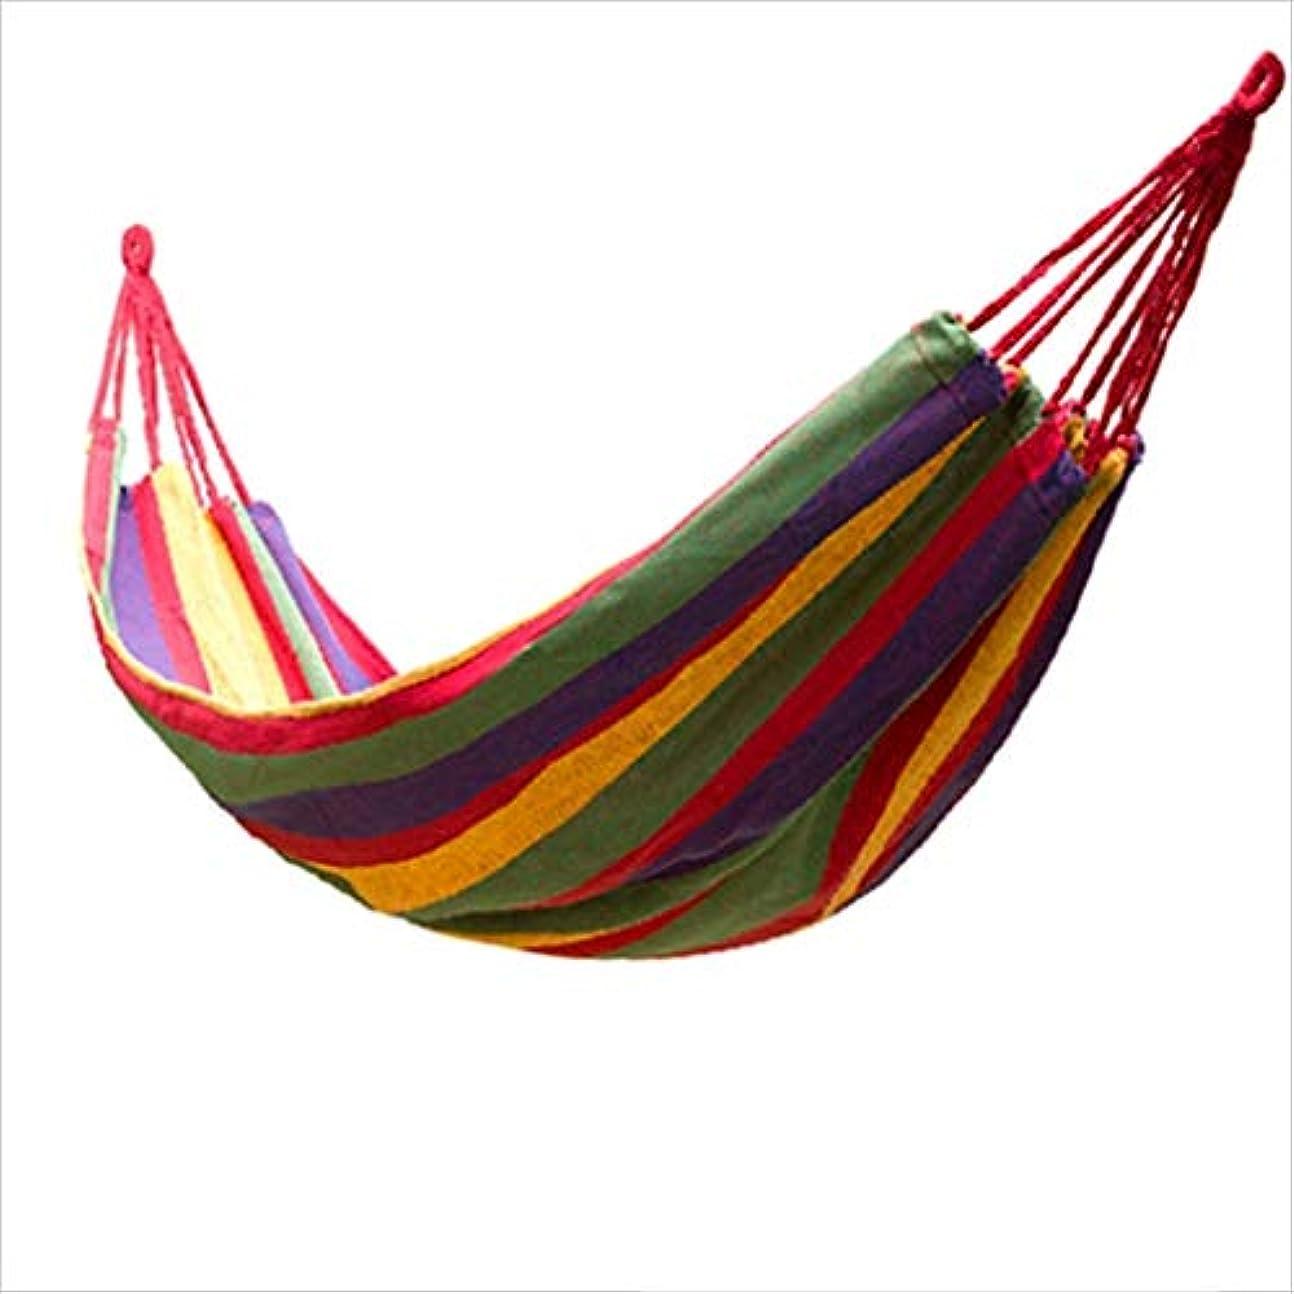 有名グローブ絡み合いZAQXSW-dc ハンモック屋外屋内屋外吊り椅子シングルダブル厚いキャンバス子供大学寮寮キャンプスイング (Color : Red)